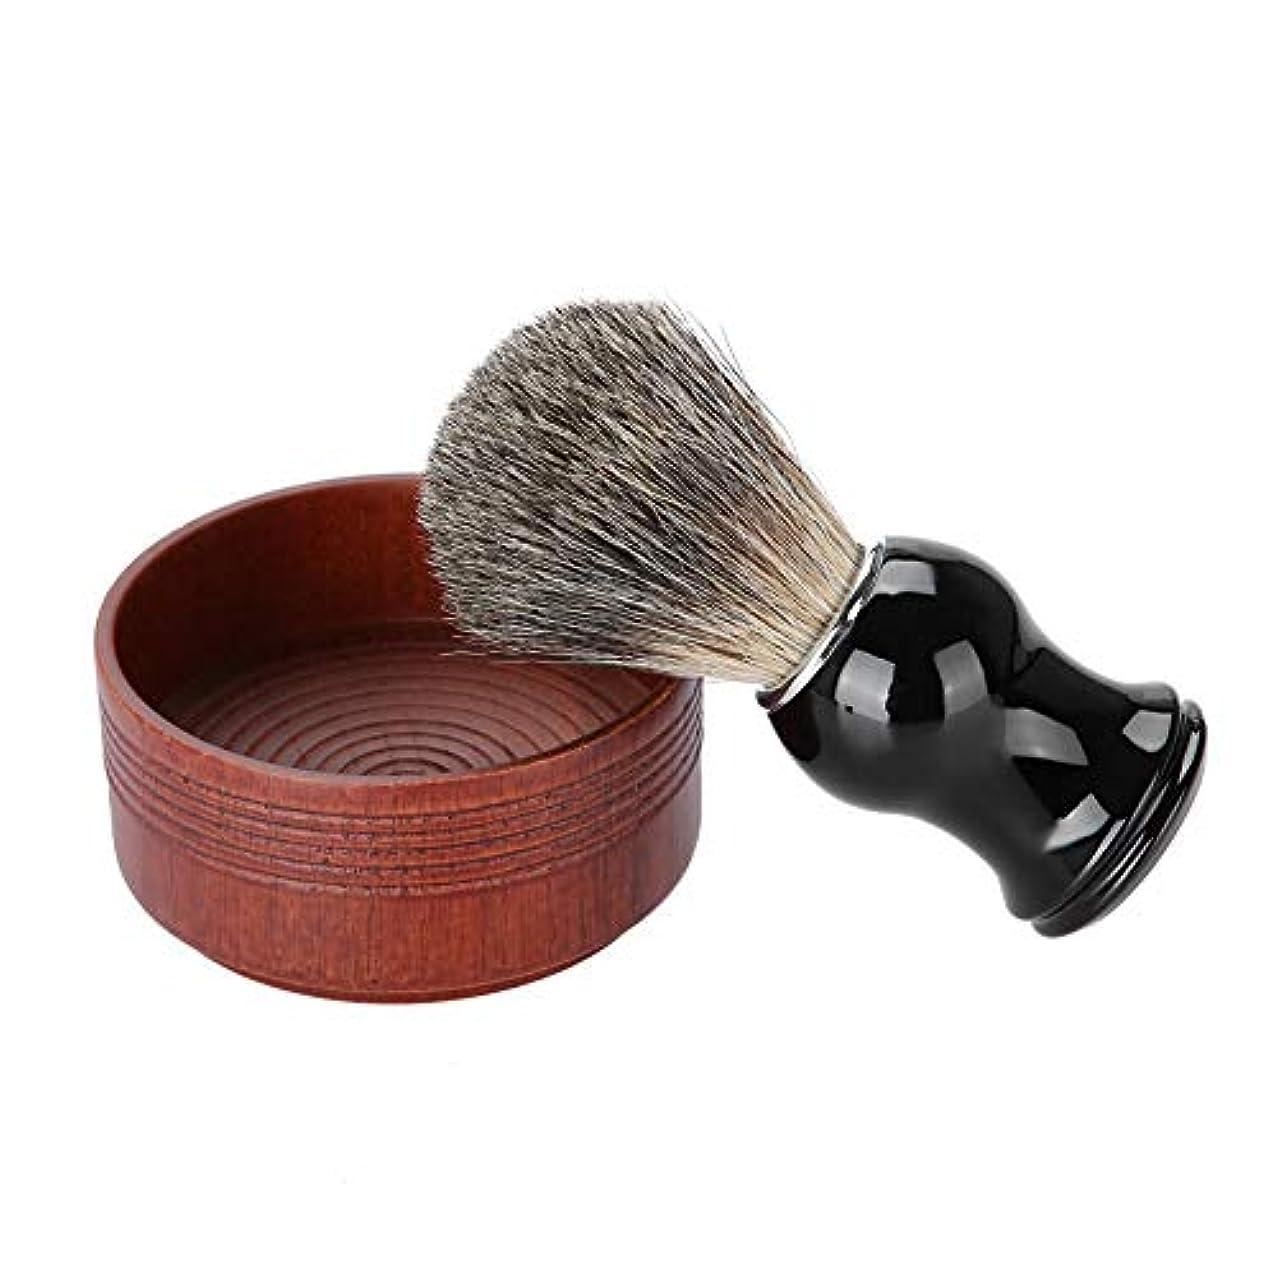 半球ライフルリングレットシェービングツールセット、高品質アナグマシェービングブラシと便利な男性の日常生活のニーズに合わせてパンを剃るために使用されるオーク材のボウル